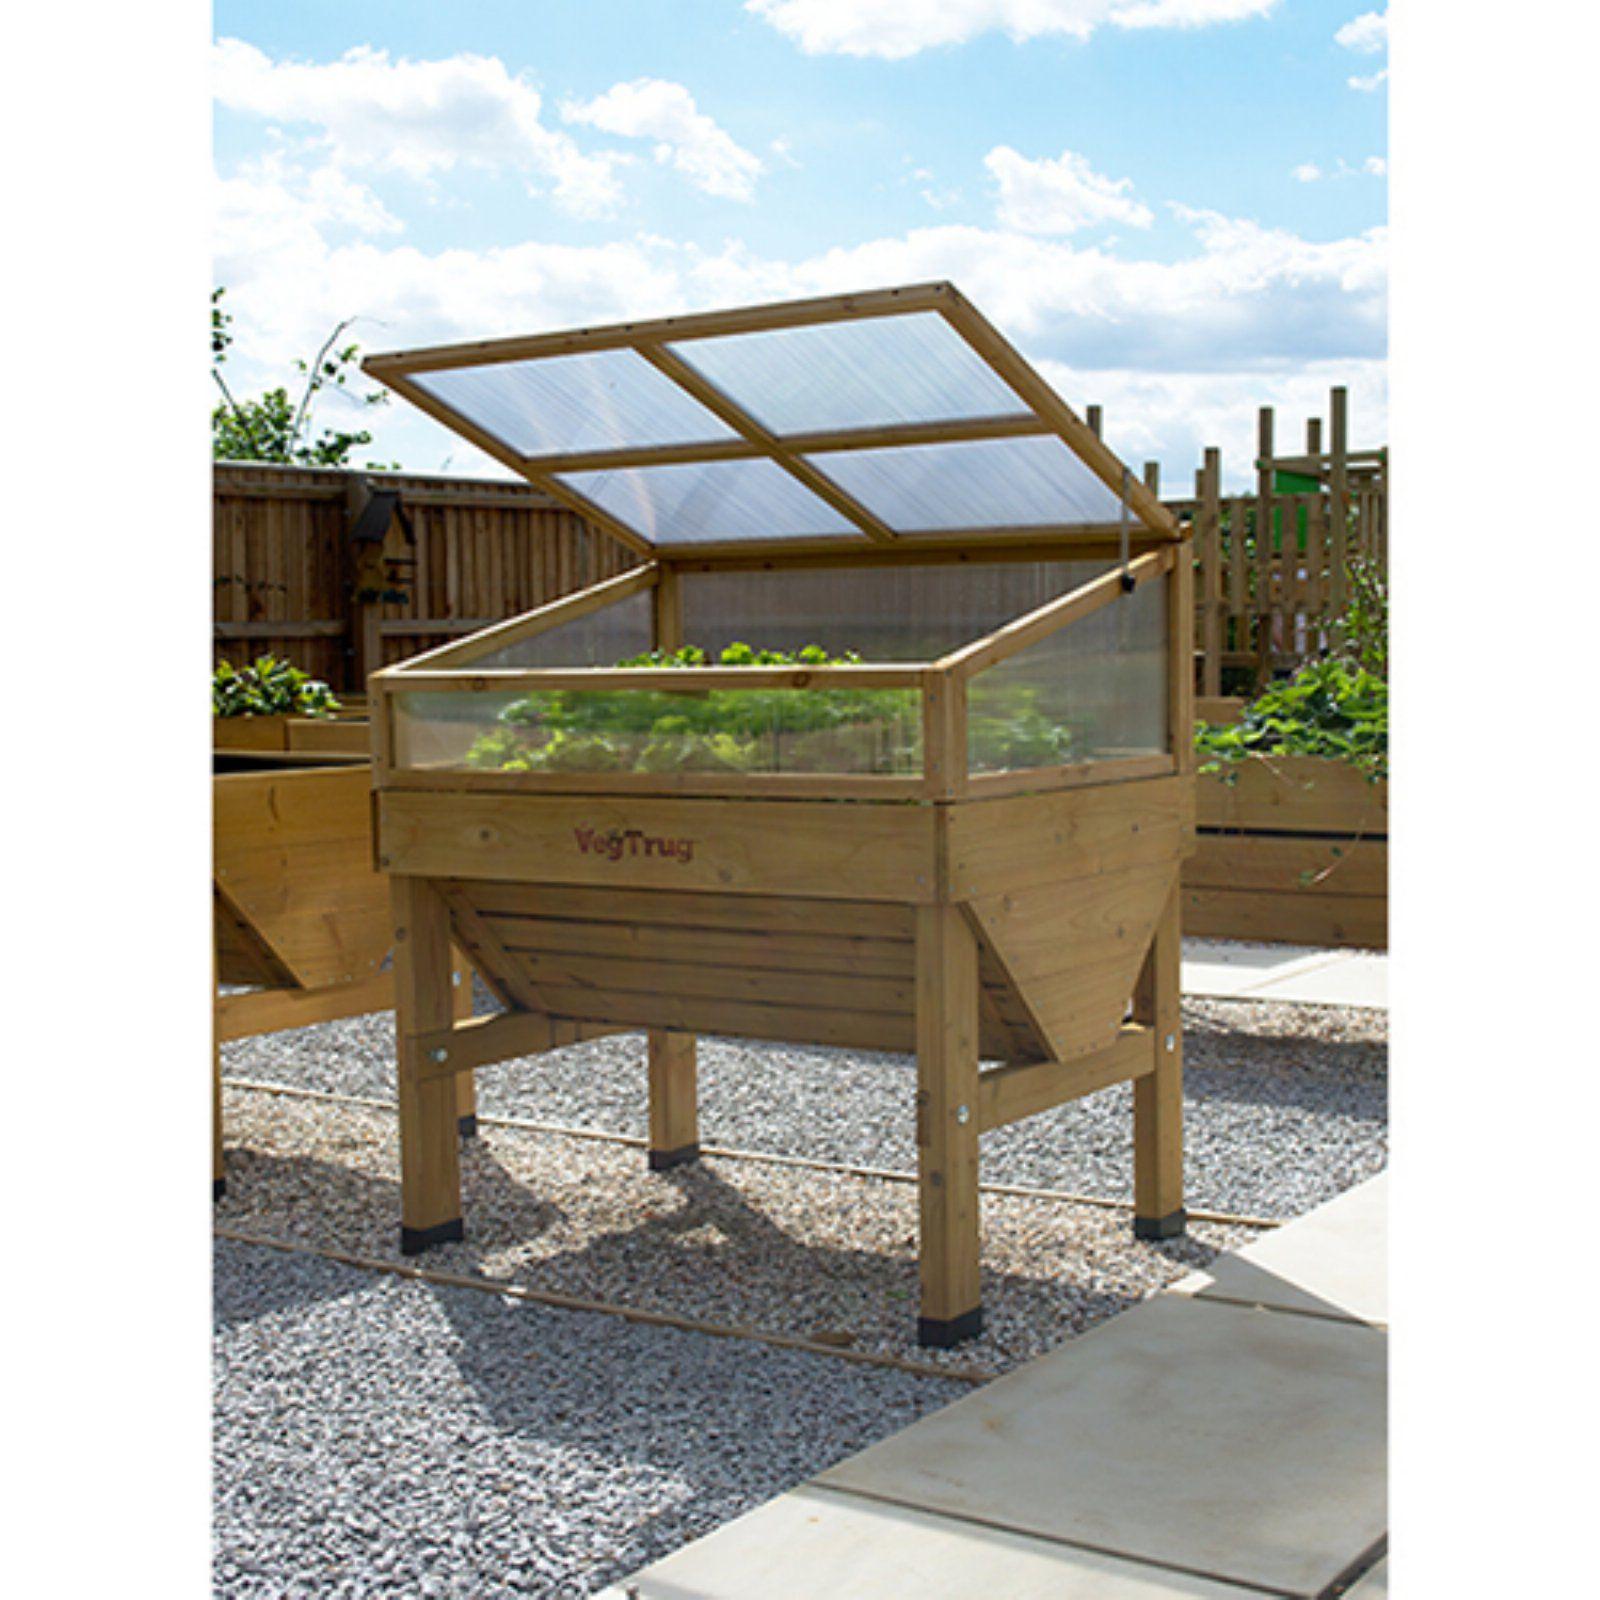 VegTrug Cold Frame Elevated Planter Bed in